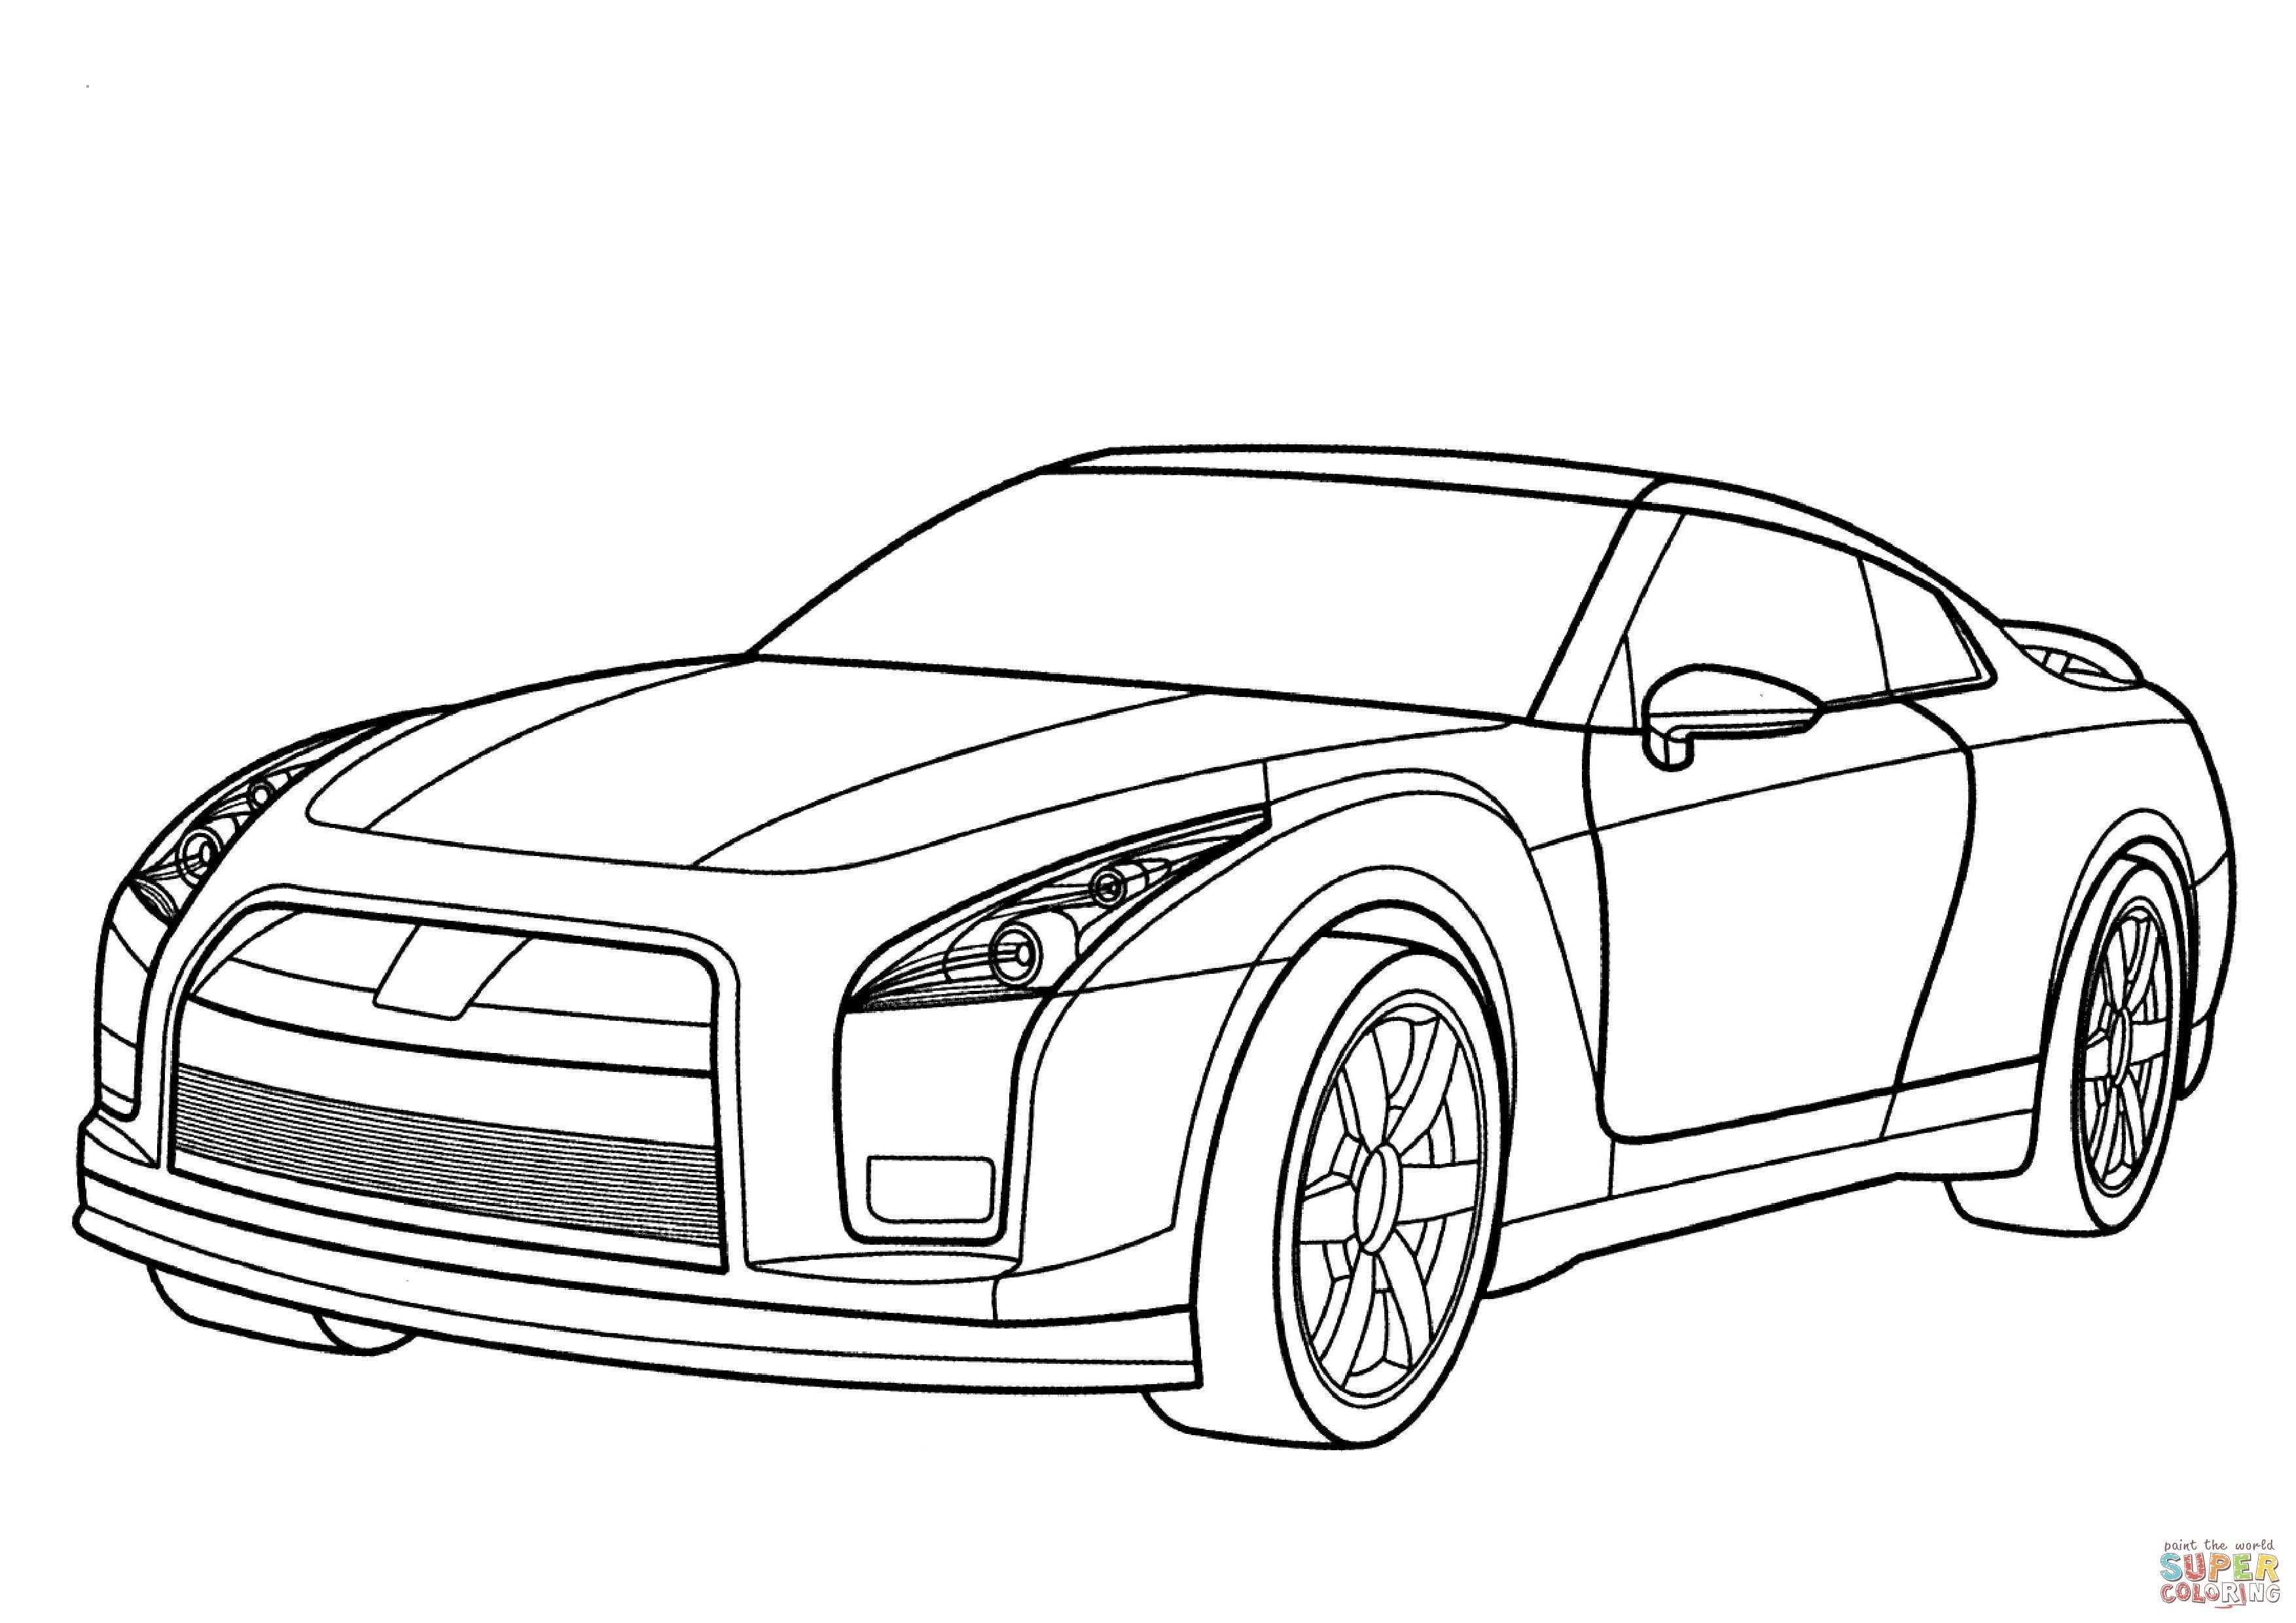 Nissan Gtr Kleurplaat Gratis Kleurplaten Printen Cars Coloring Pages Nissan Gtr Car Colors